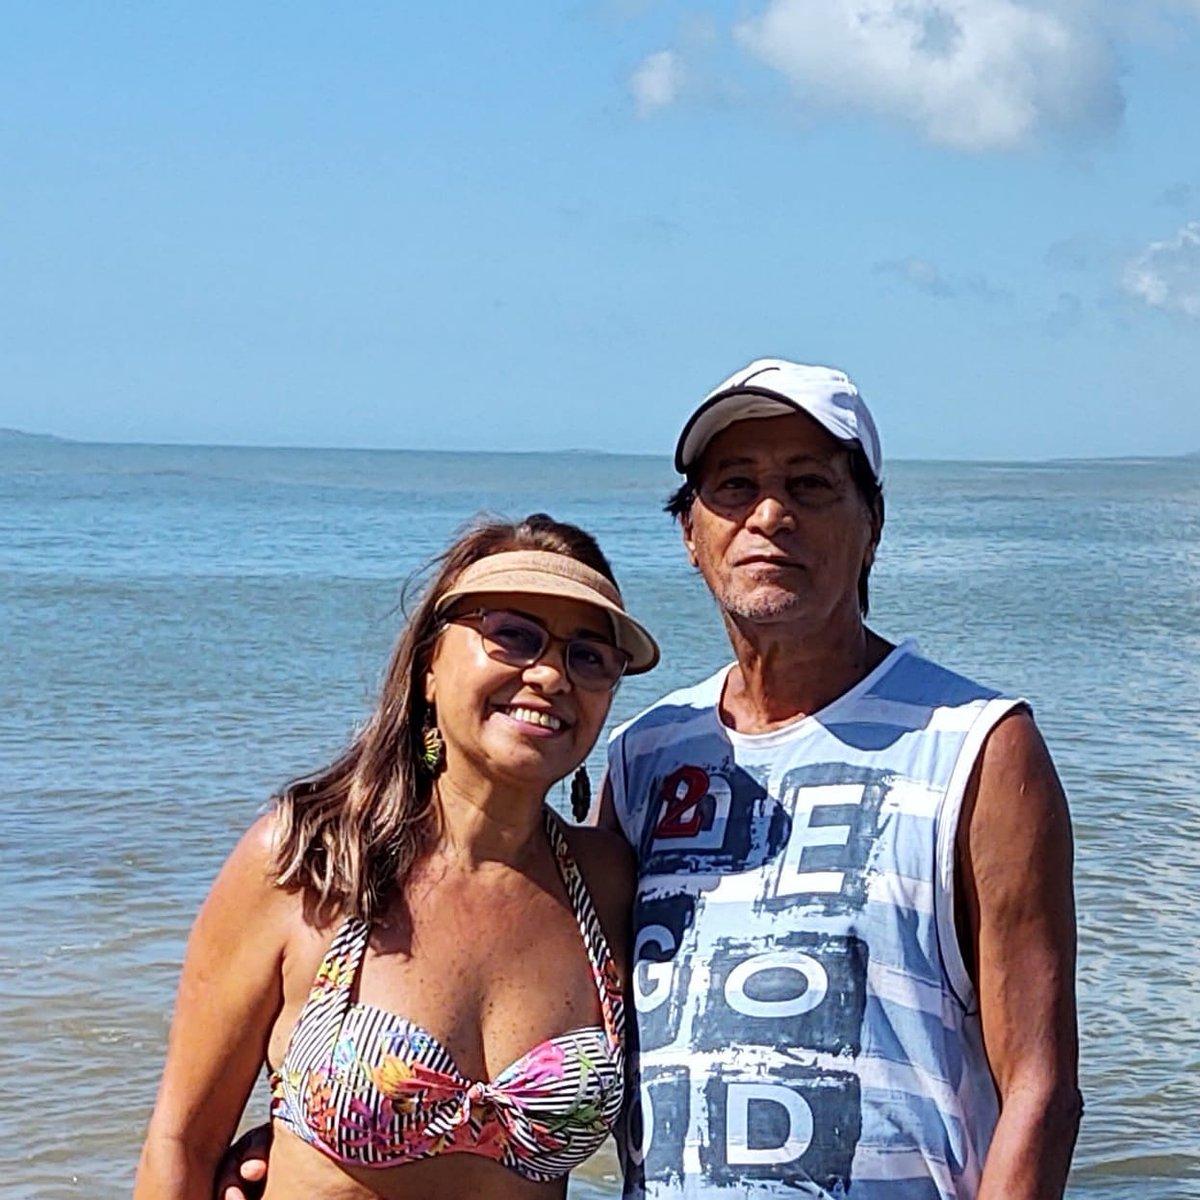 https://www.instagram.com/p/B8l_UotBr27/?igshid=1g8pdhje6cuer  … Meu amado pai! Valdir Vitorino Grande Mestre Firme nas Colunas! Com a minha irmã Lusenir Gomes Guarapari ES Brazil